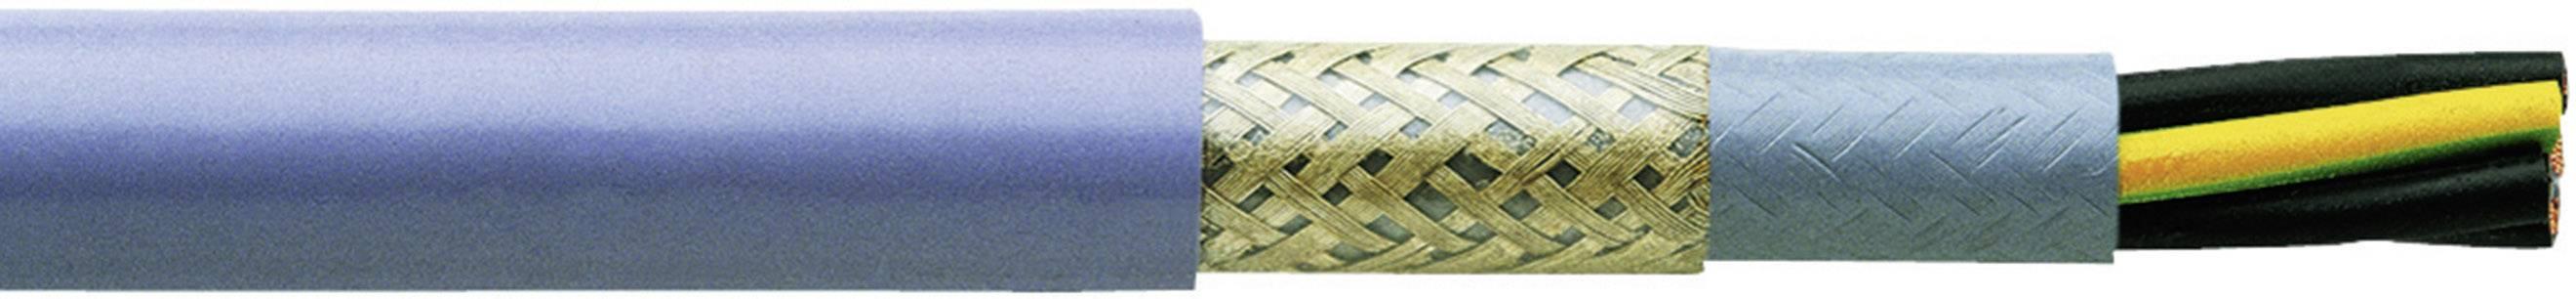 Řídicí kabel Faber Kabel CY-JZ (030425), 9,3 mm, 500 V, stíněný, šedá, 1 m